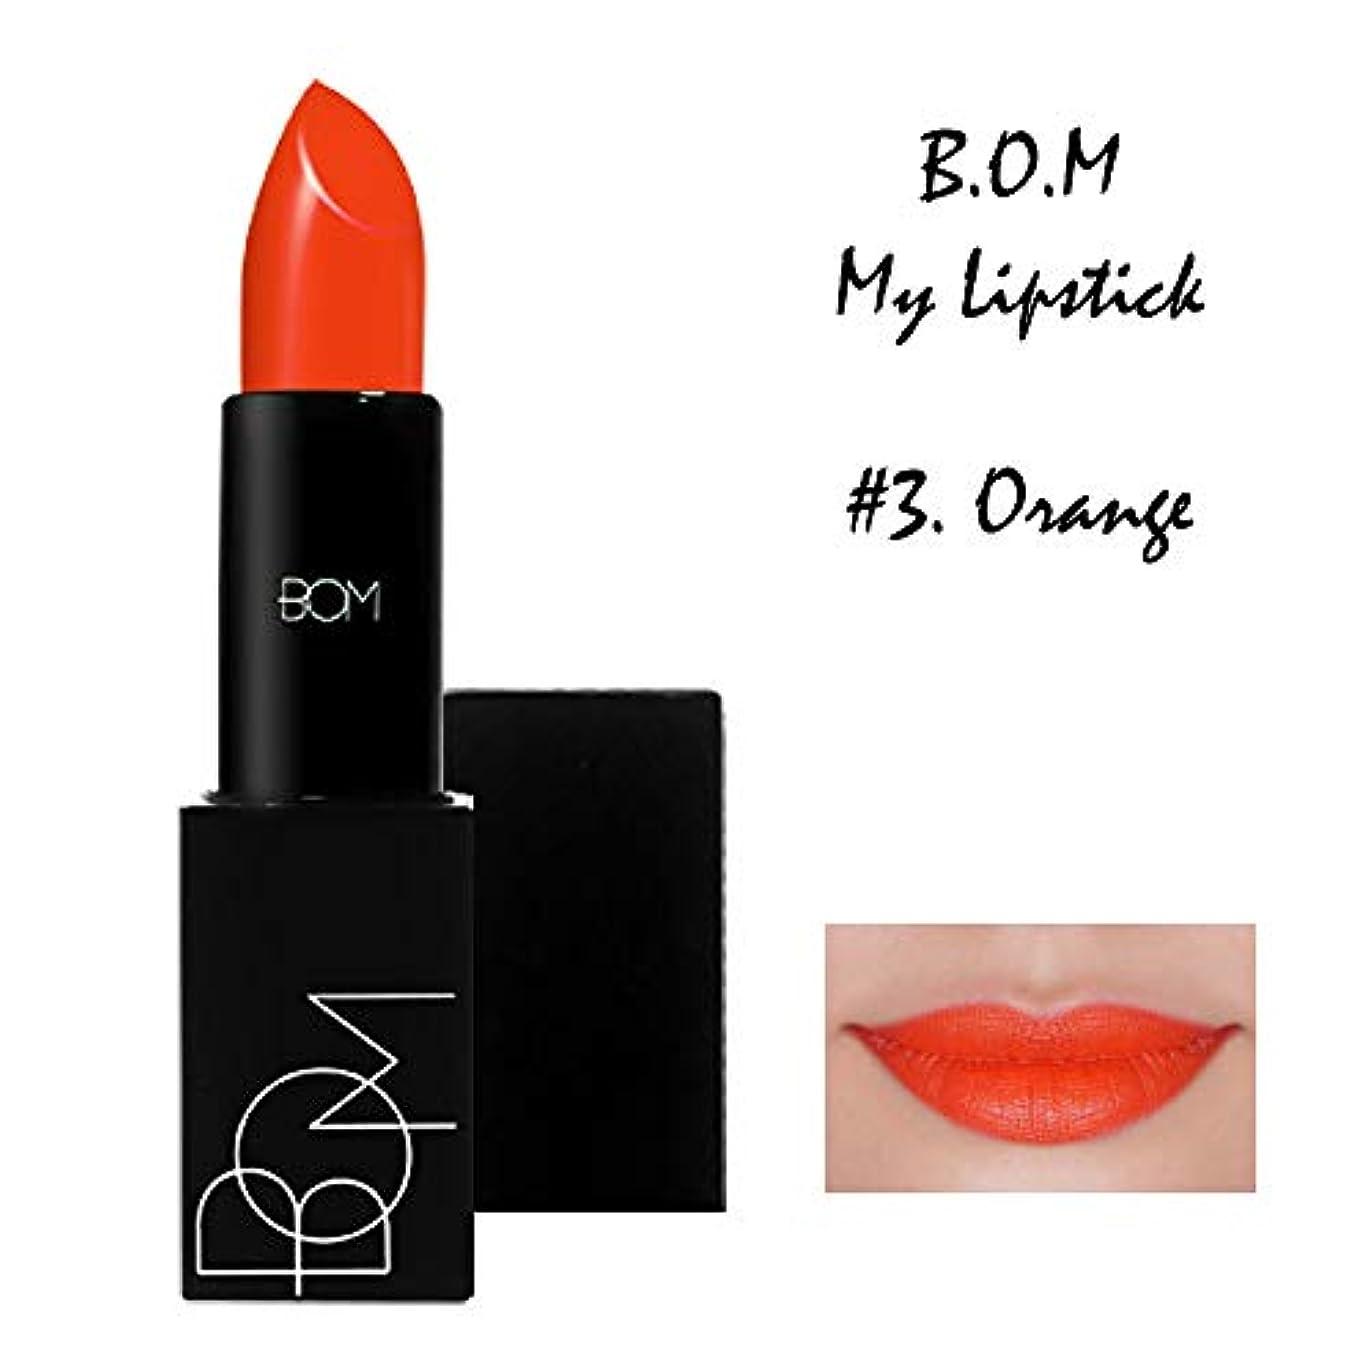 座標ピッチャー暖かくbom 韓国化粧品6色磁気ケース付きマットリップスティック #803。オレンジ